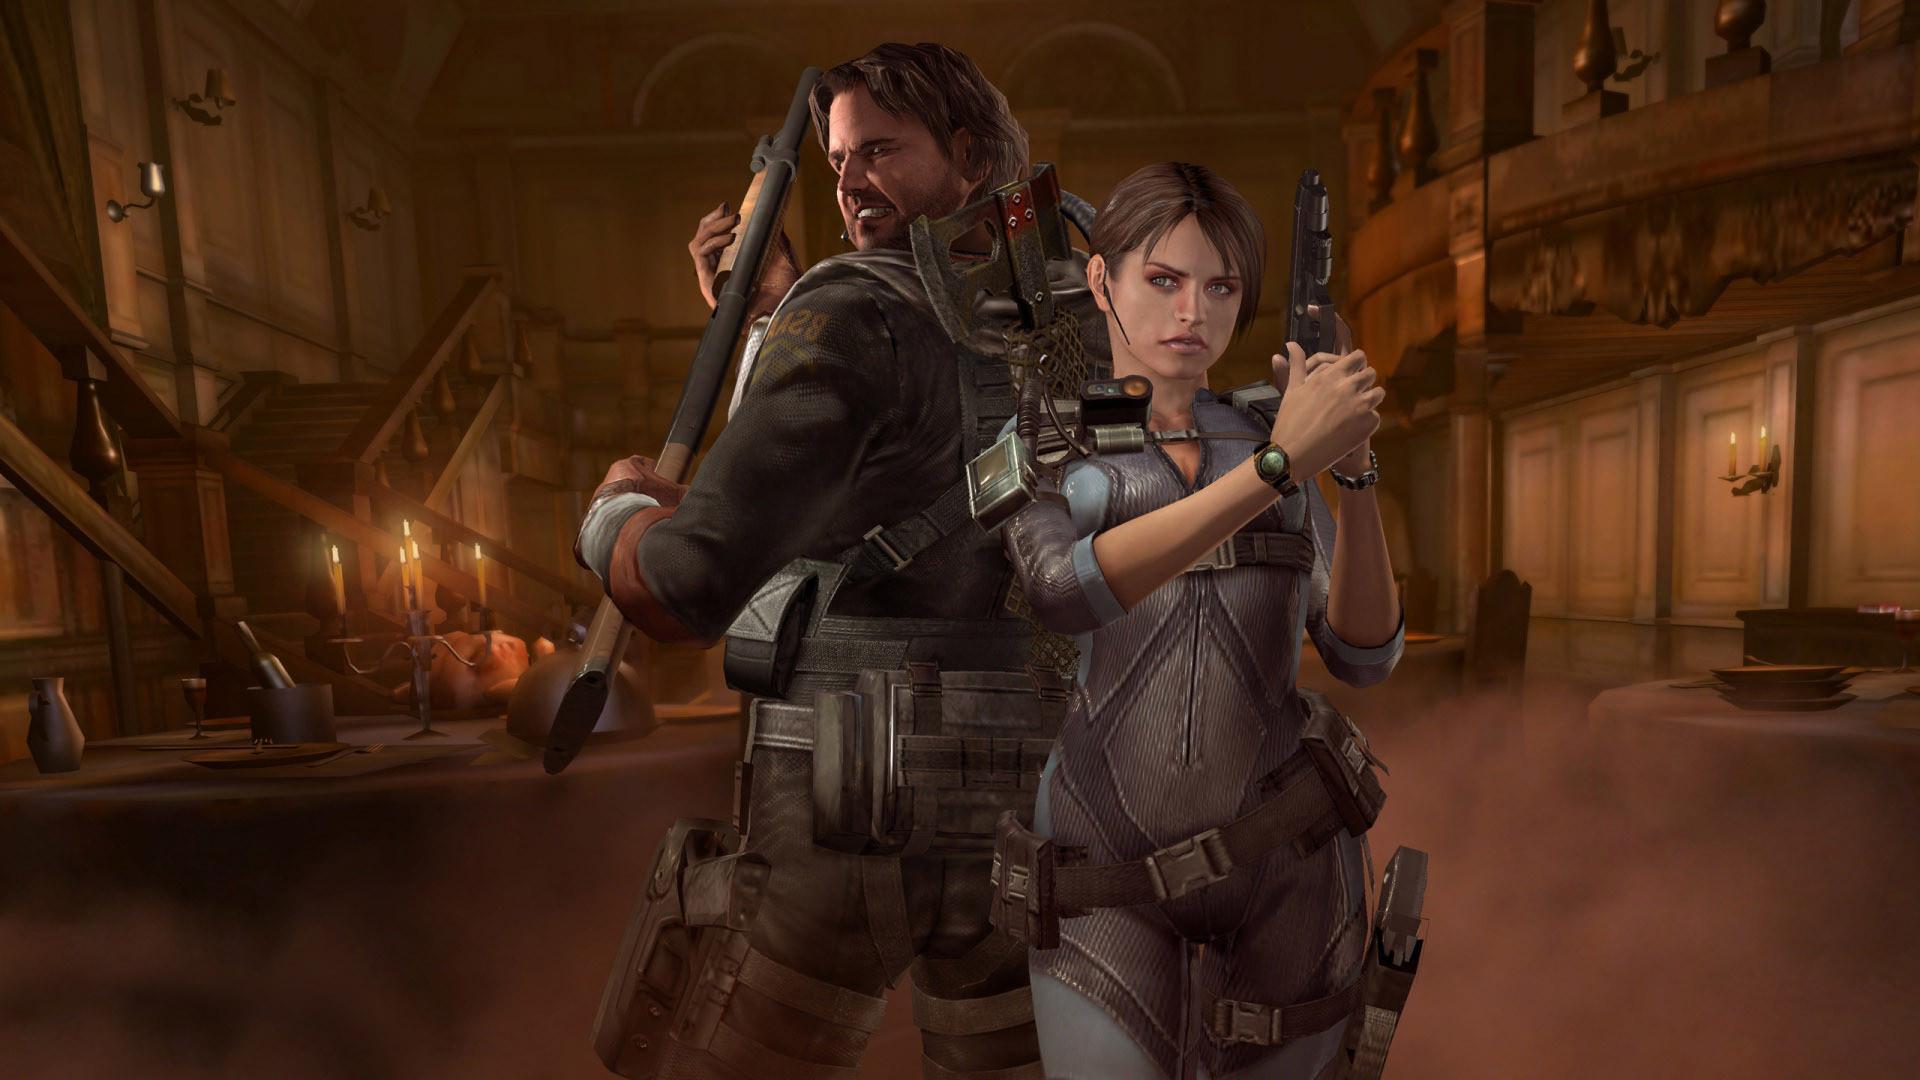 Jill Valentine Chris Redfield Resident Evil Revelati Wallpapers